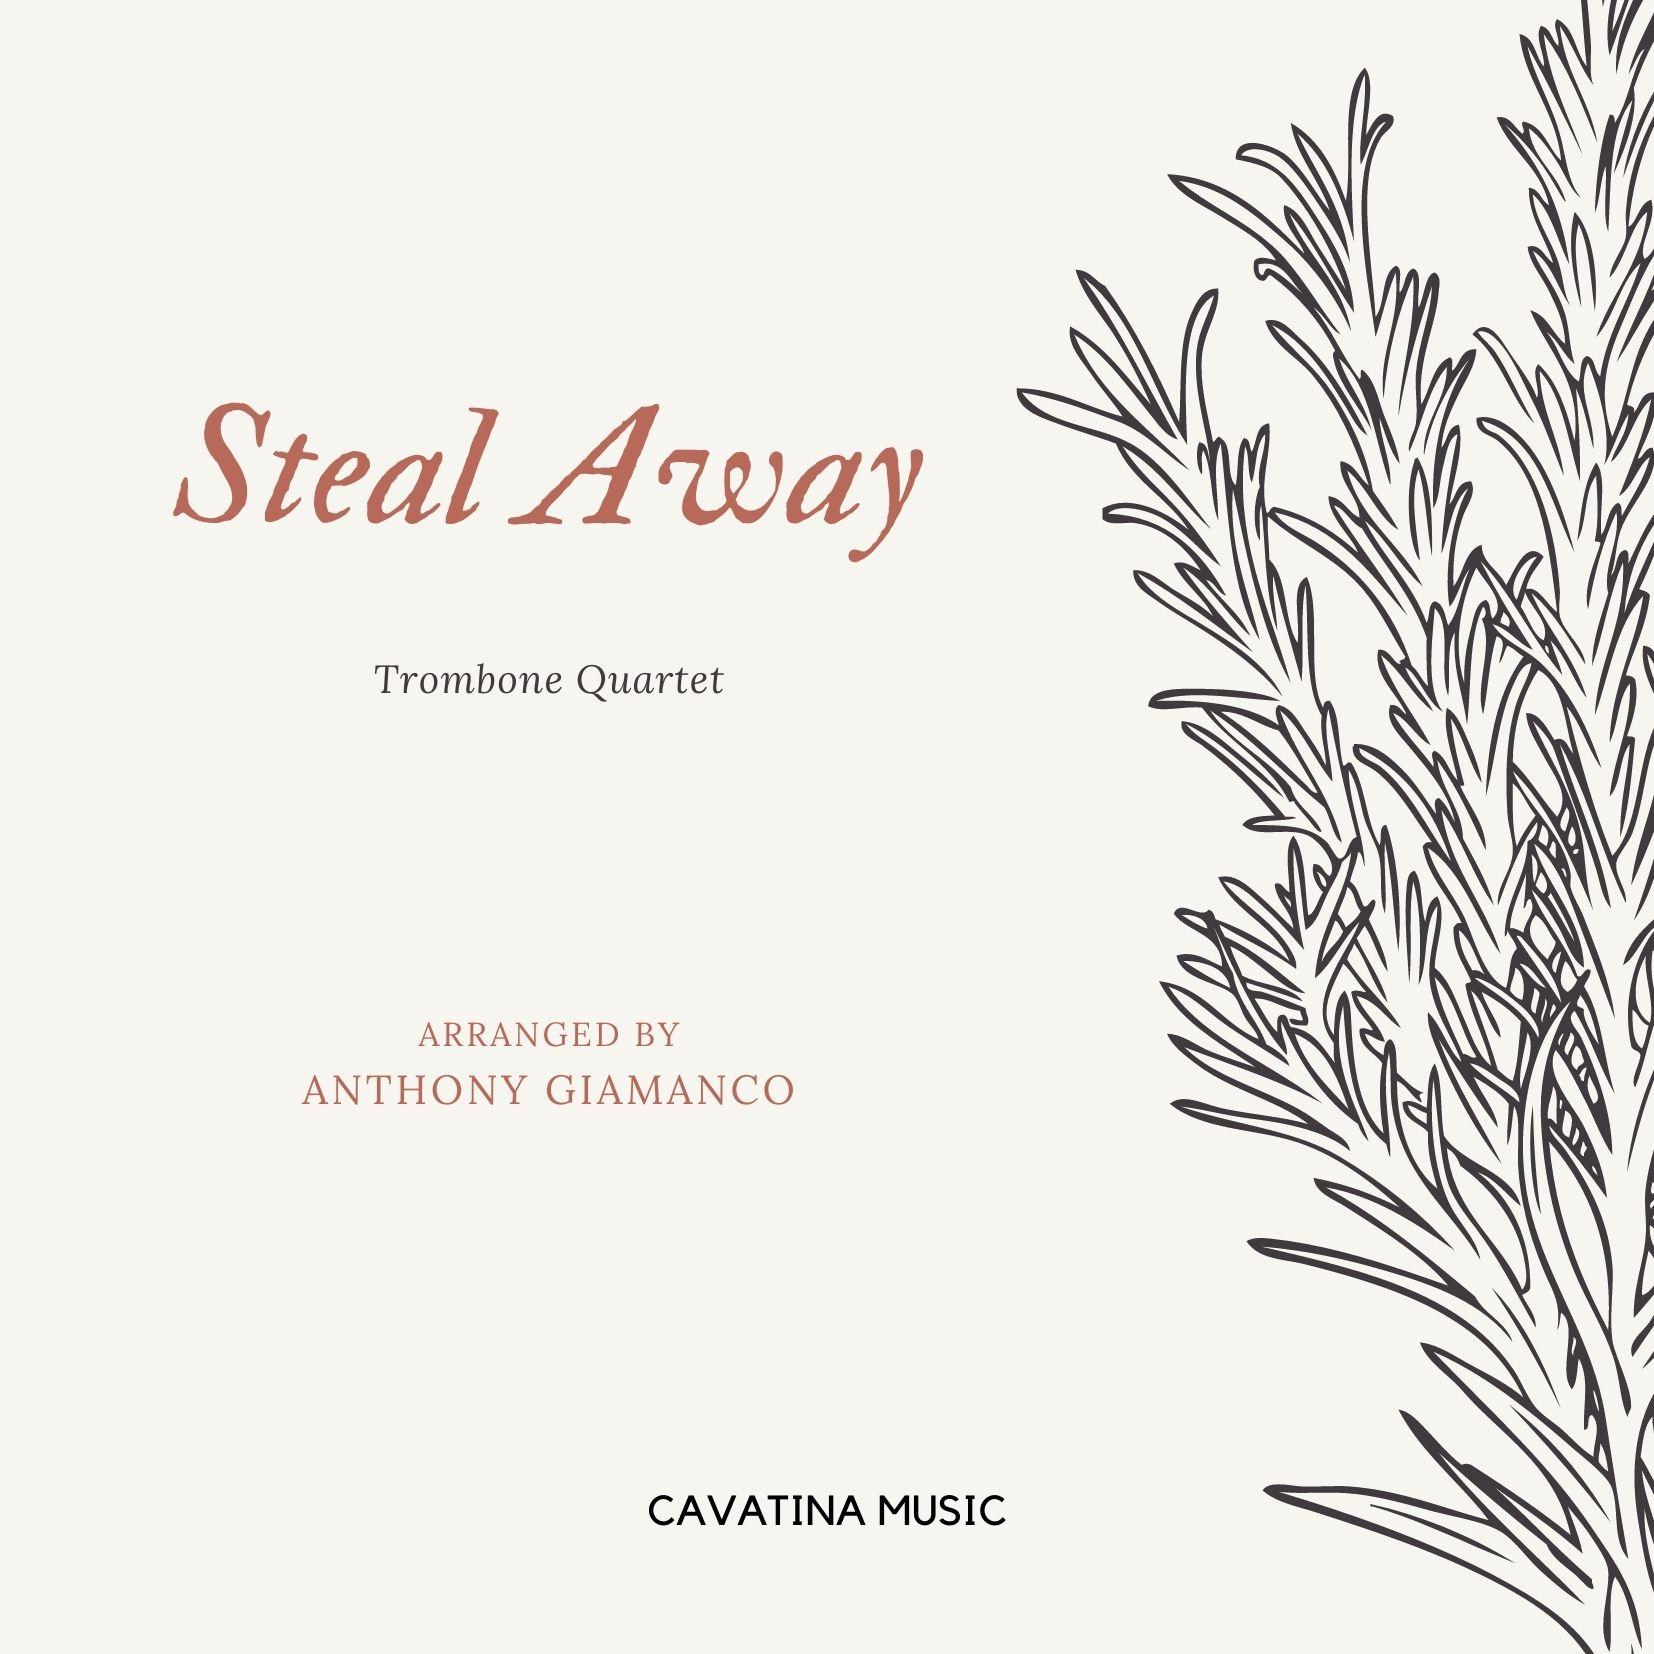 Steal Away - trombone quartet (cover pg.)